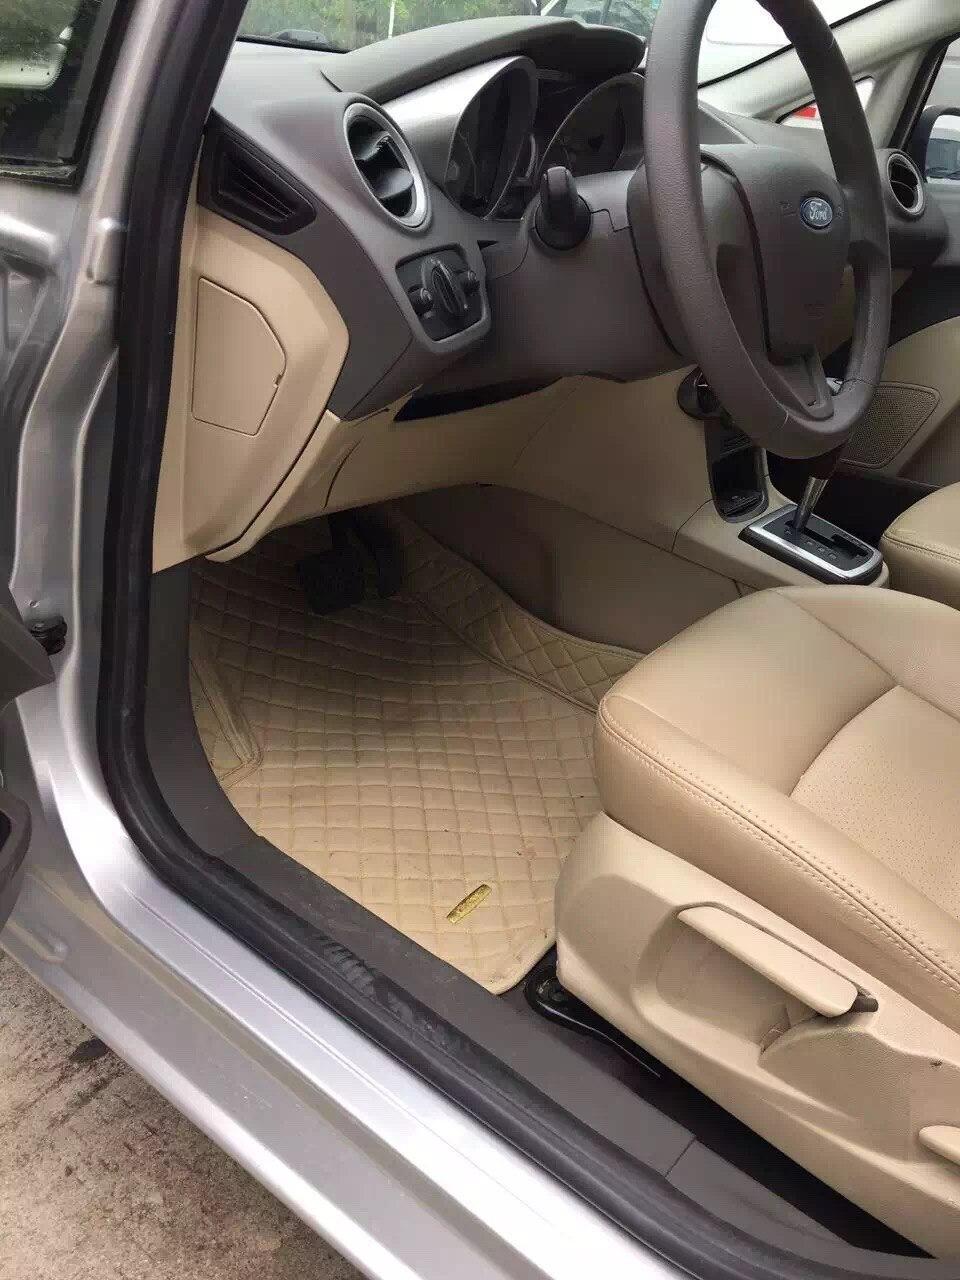 Custom fit car floor mats for Infiniti M Y50 Y51 Q70 Q70L M25 M35 M35H M37